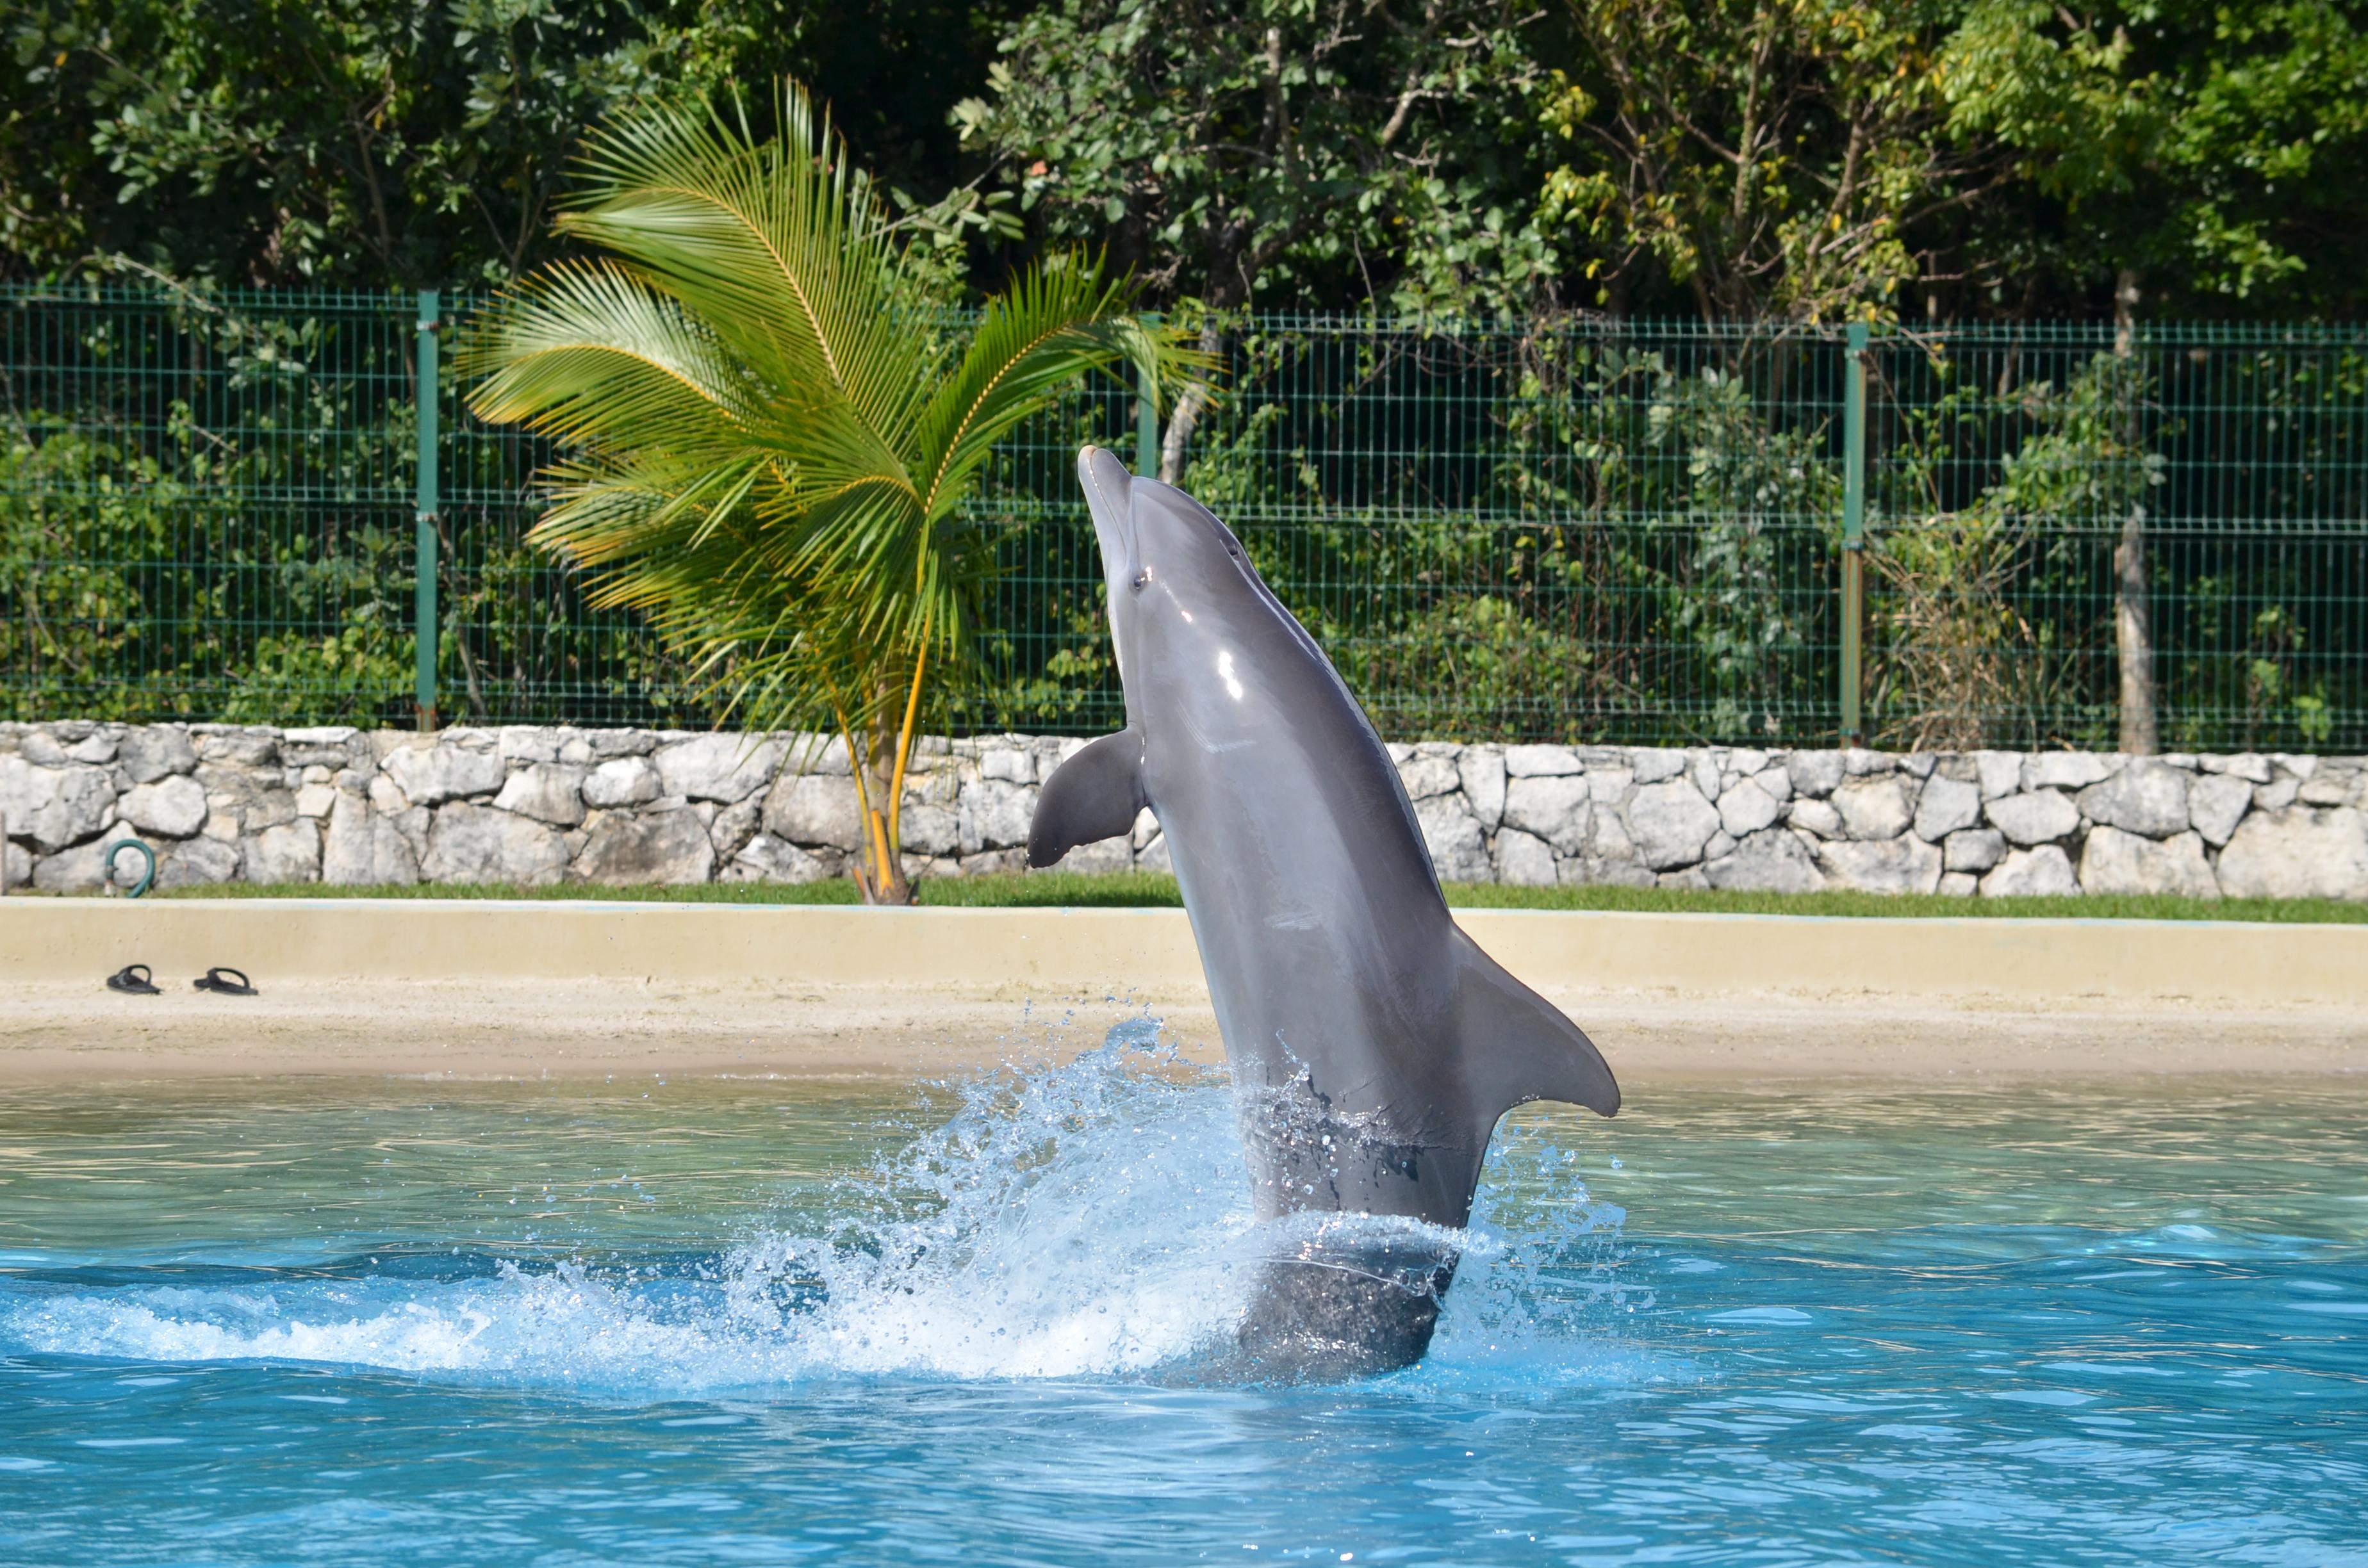 Barceló es una de las locaciones de Dolphinaris donde se puede nadar y conocer el comportamiento de los delfines.